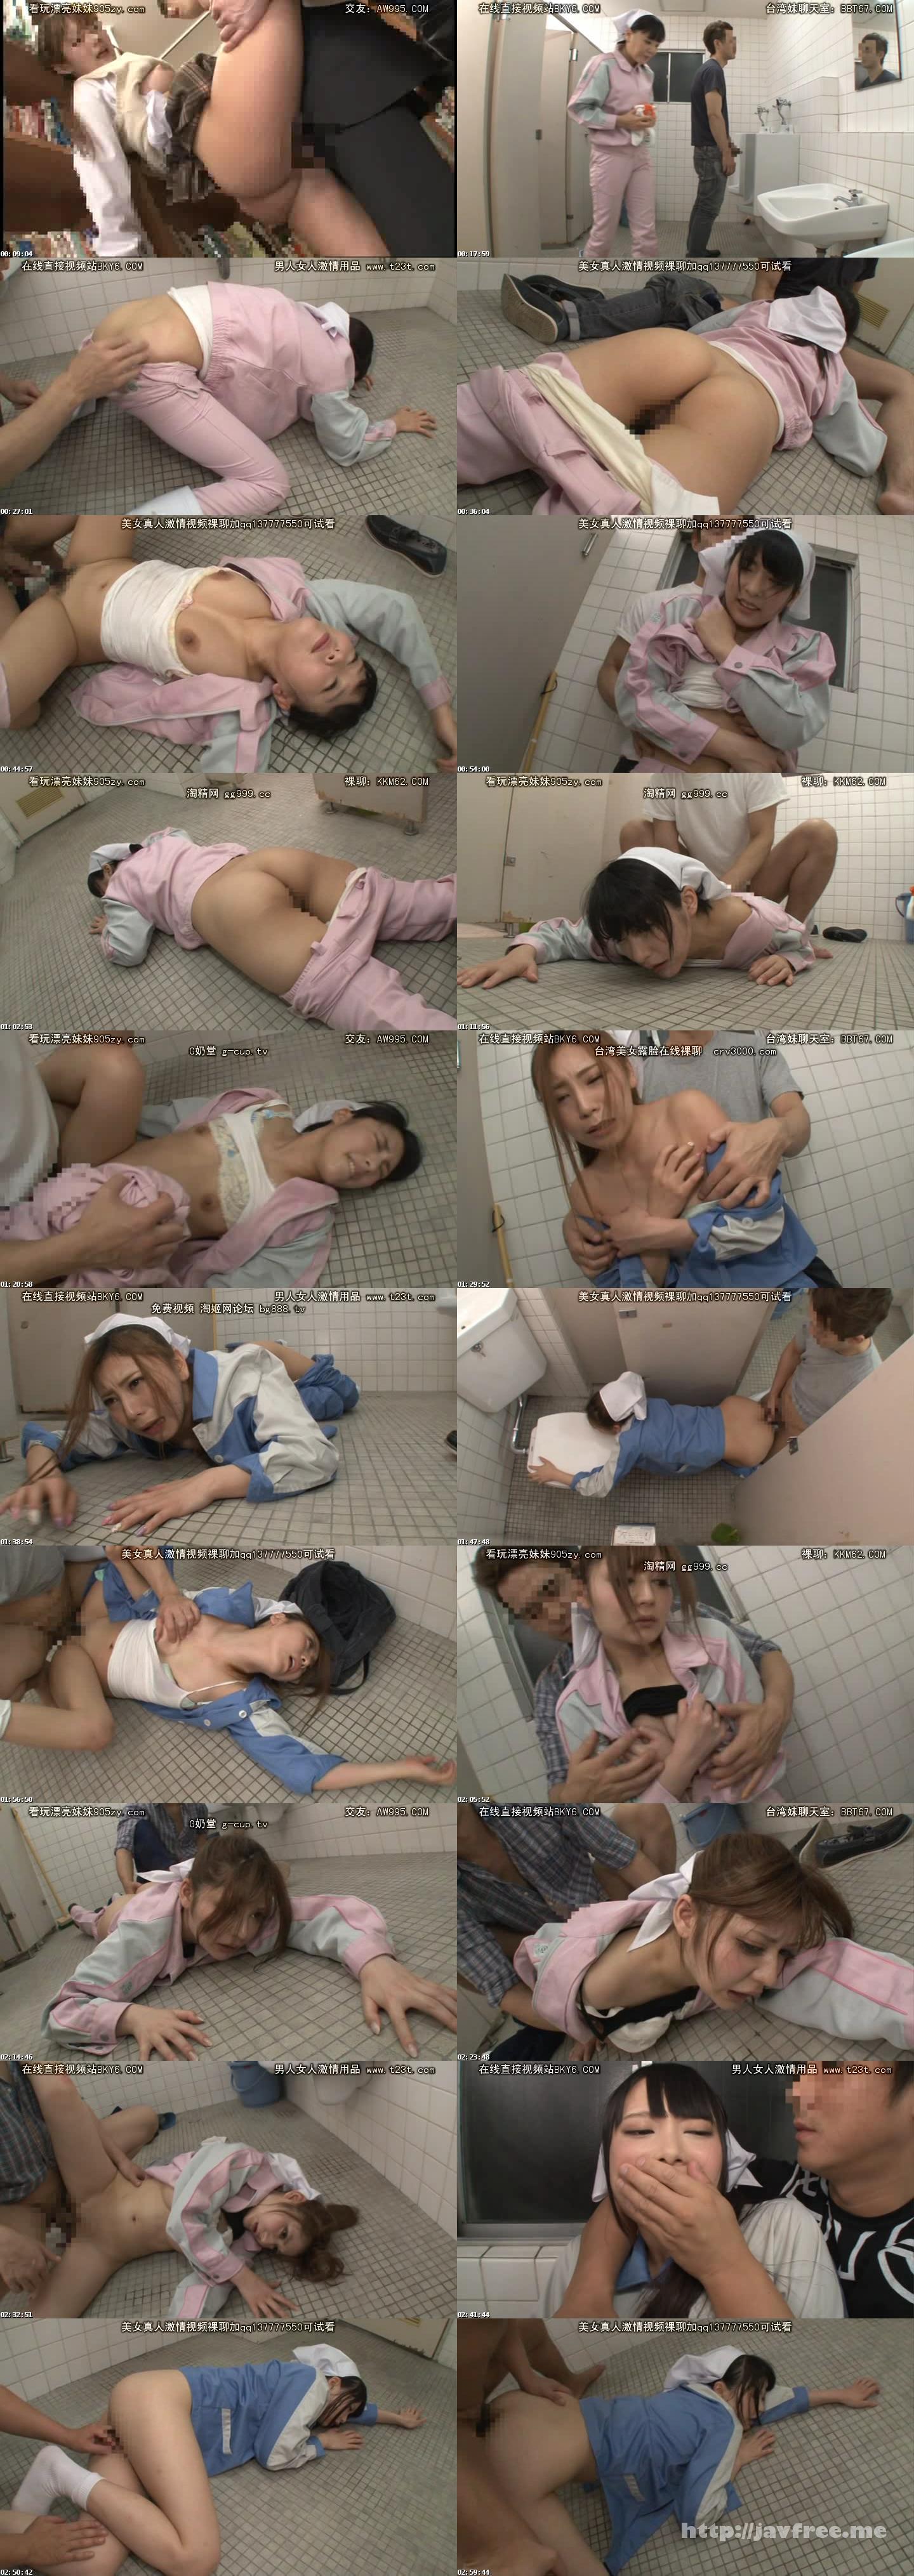 [AP 238] 美人トイレ清掃員に強引にしびれ薬を飲ませ身体の自由を奪い、地面を這いつくばりながら逃げようとするエロ尻をもてあそび、逃げても逃げても容赦なくバックからガンガン突きまくってヤリました! AP